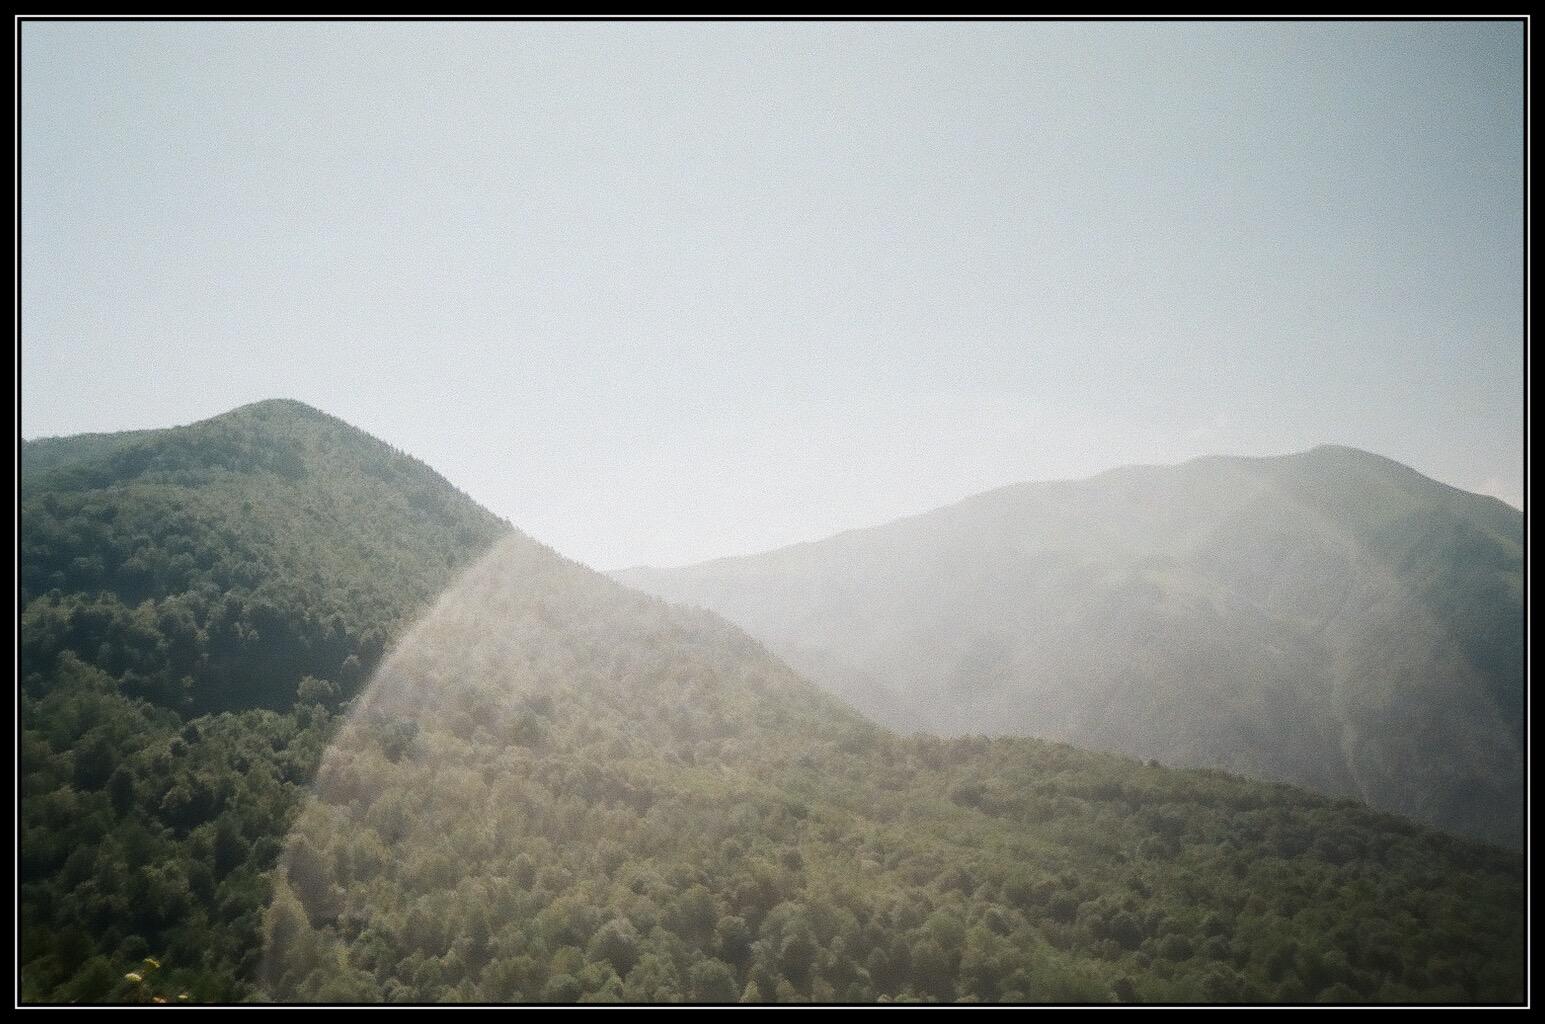 Arhyz_20173